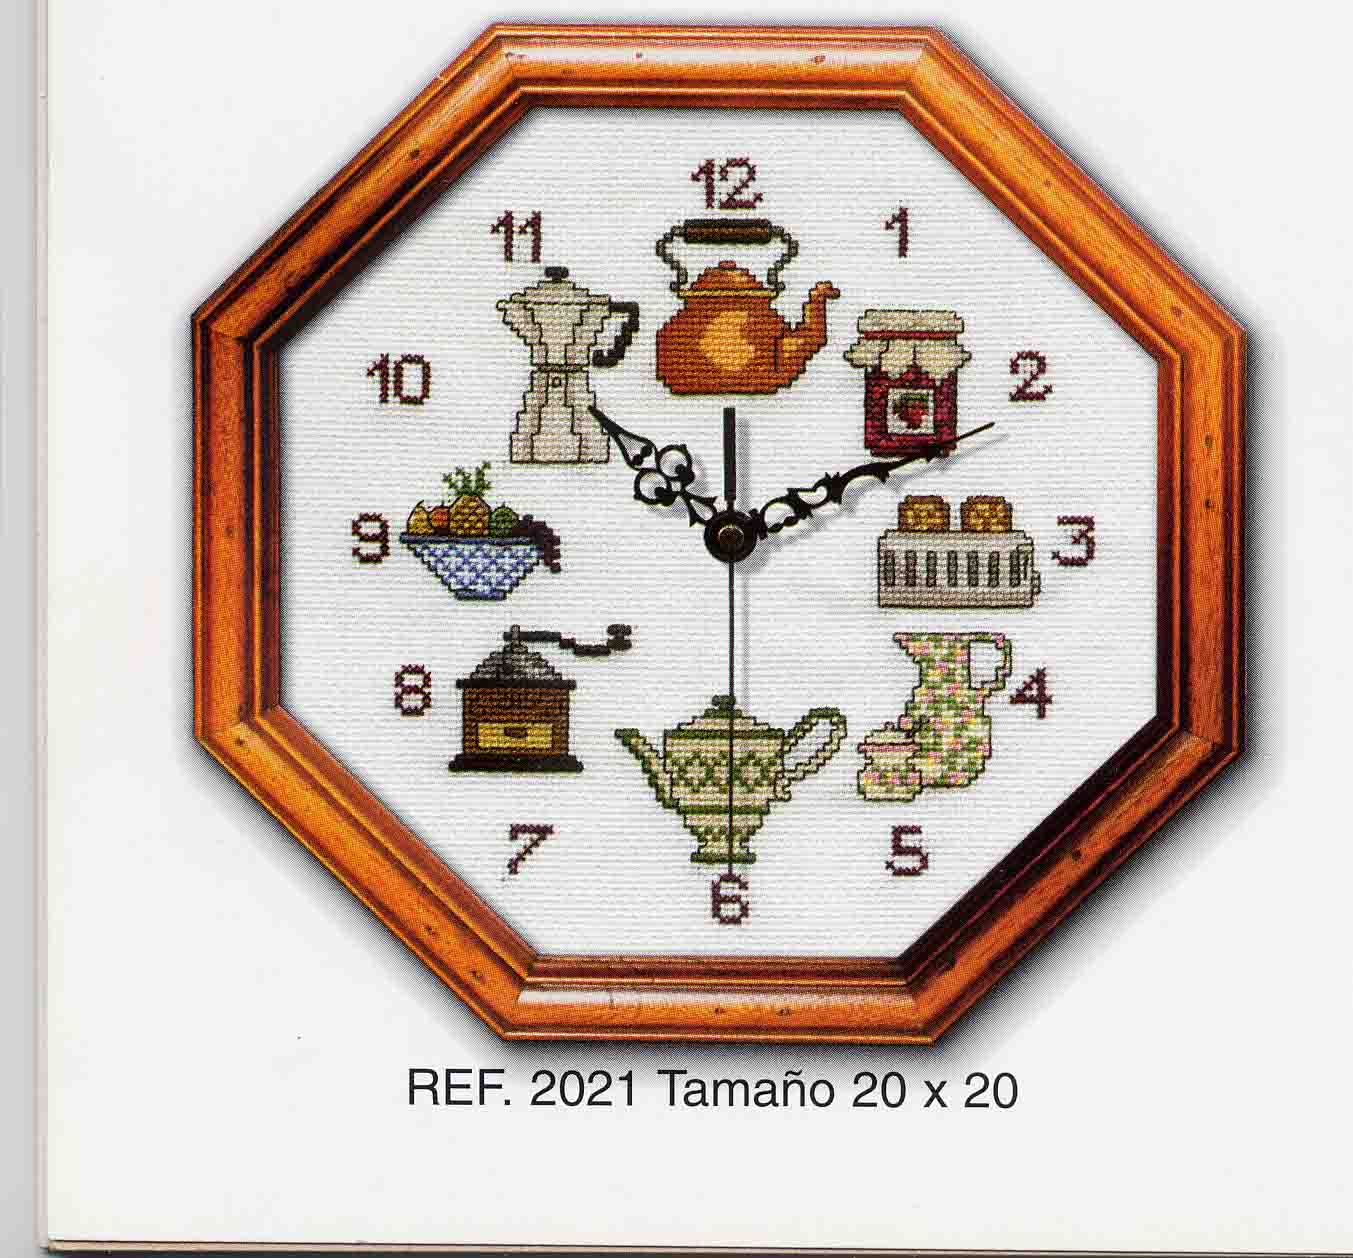 Schema punto croce orologio utensili a for Orologio punto croce schemi gratis